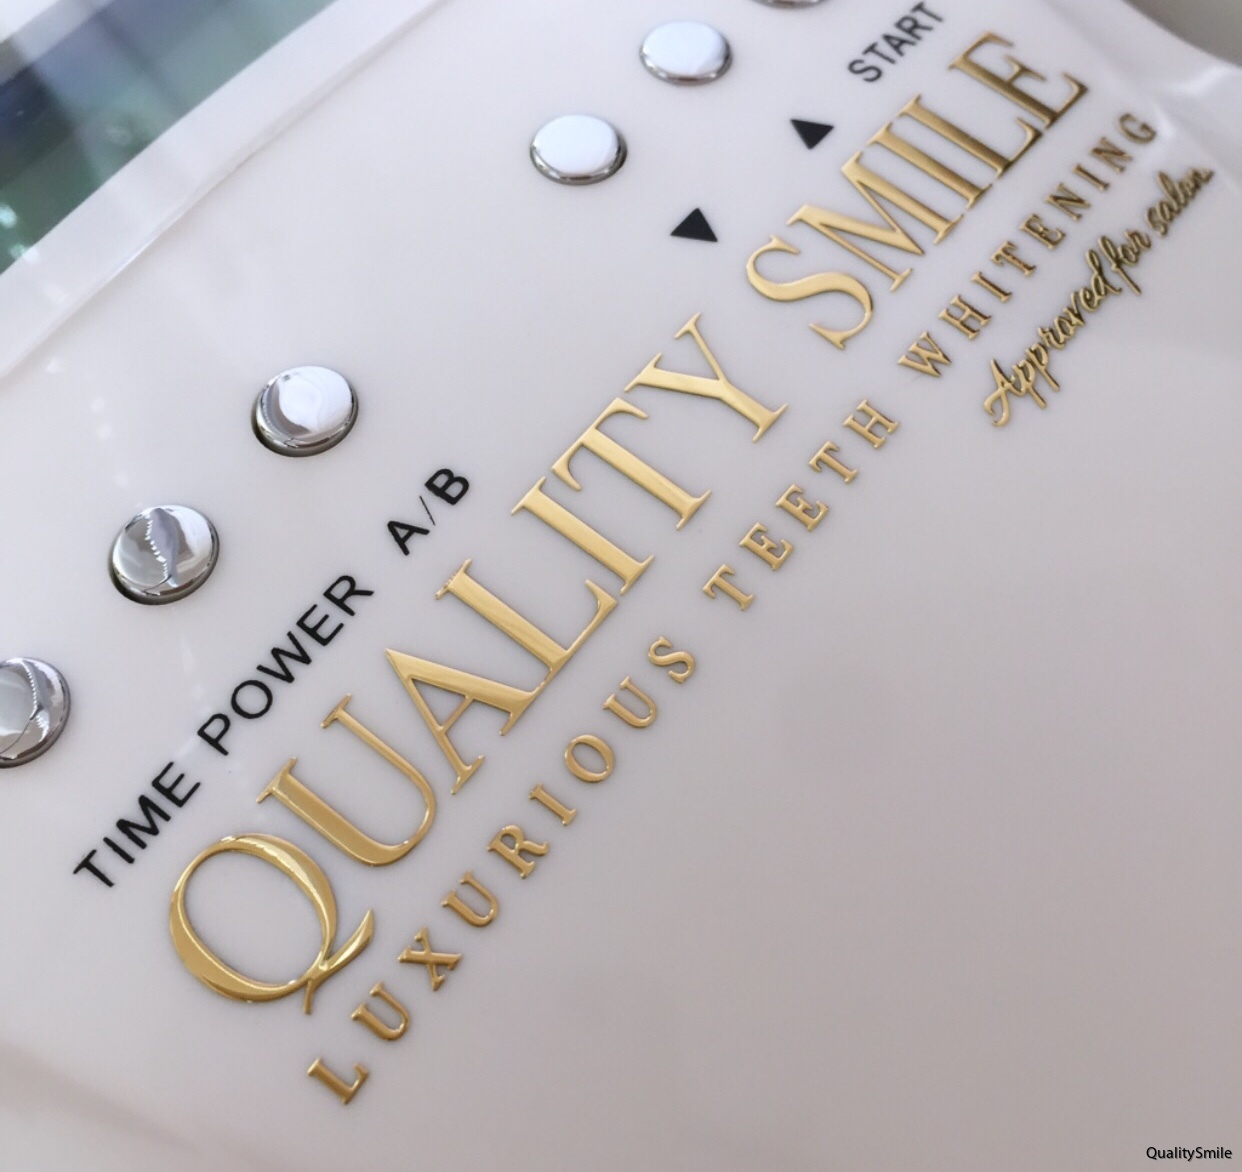 QS.loggan.salon maskin